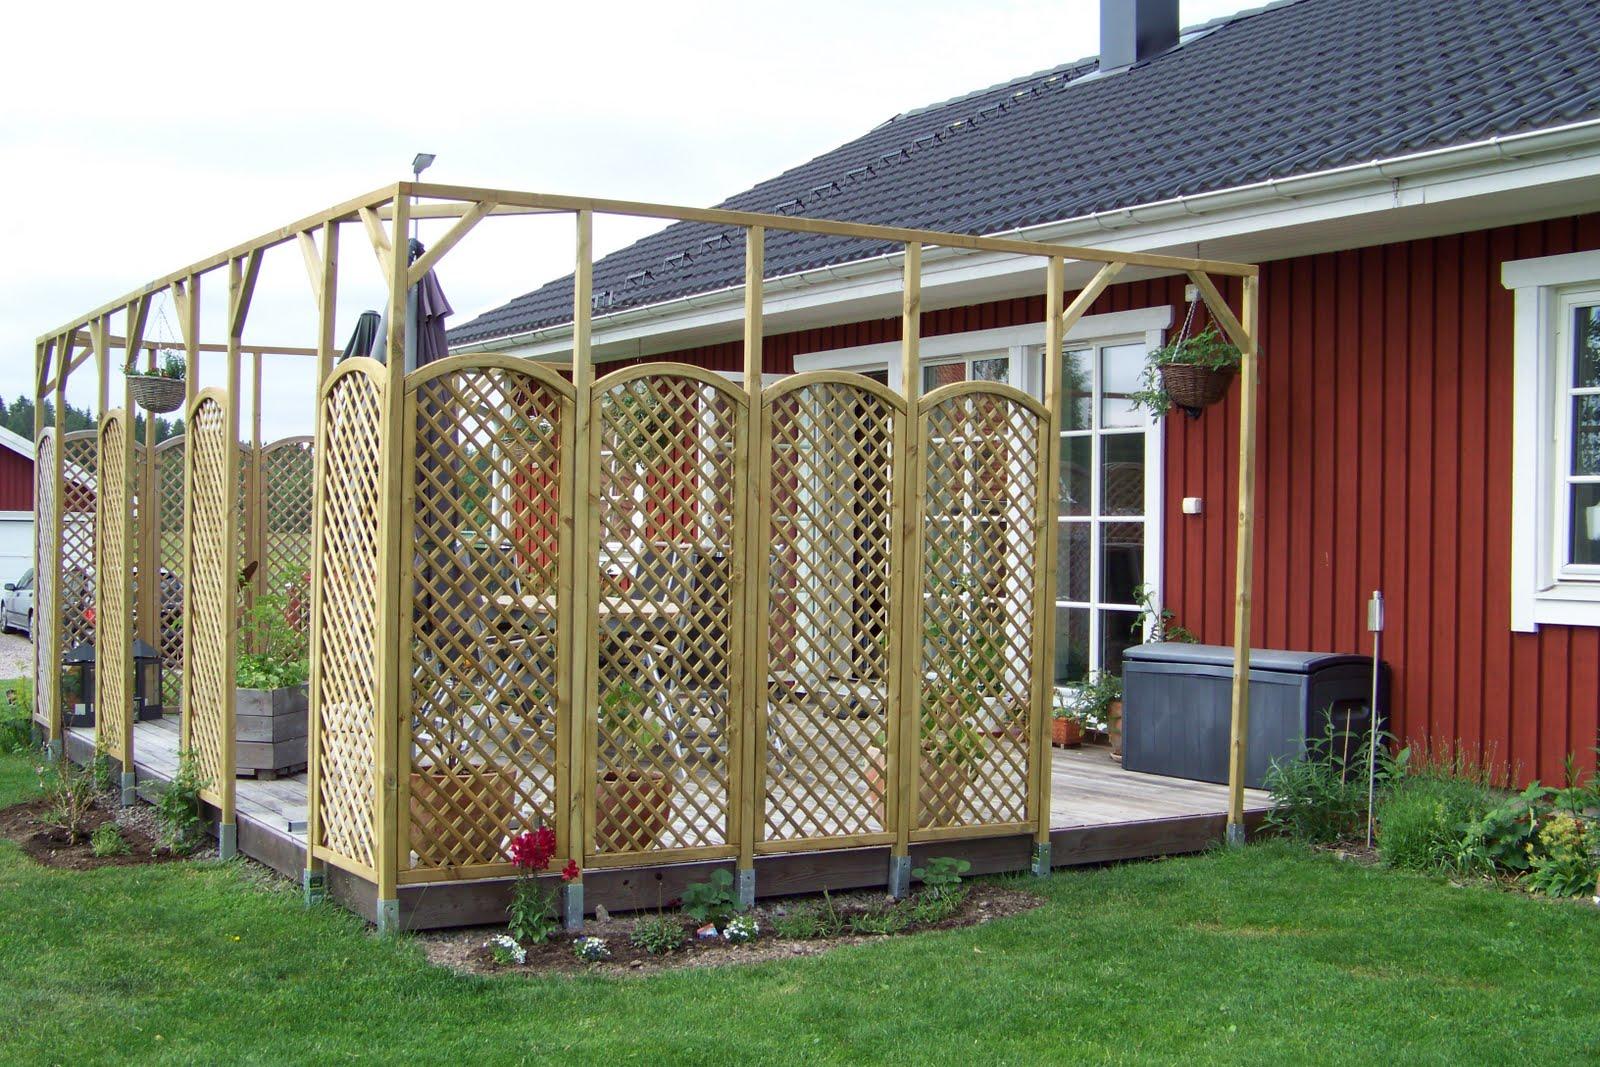 alexandras garten in schweden eine neue pergola um die terrasse. Black Bedroom Furniture Sets. Home Design Ideas